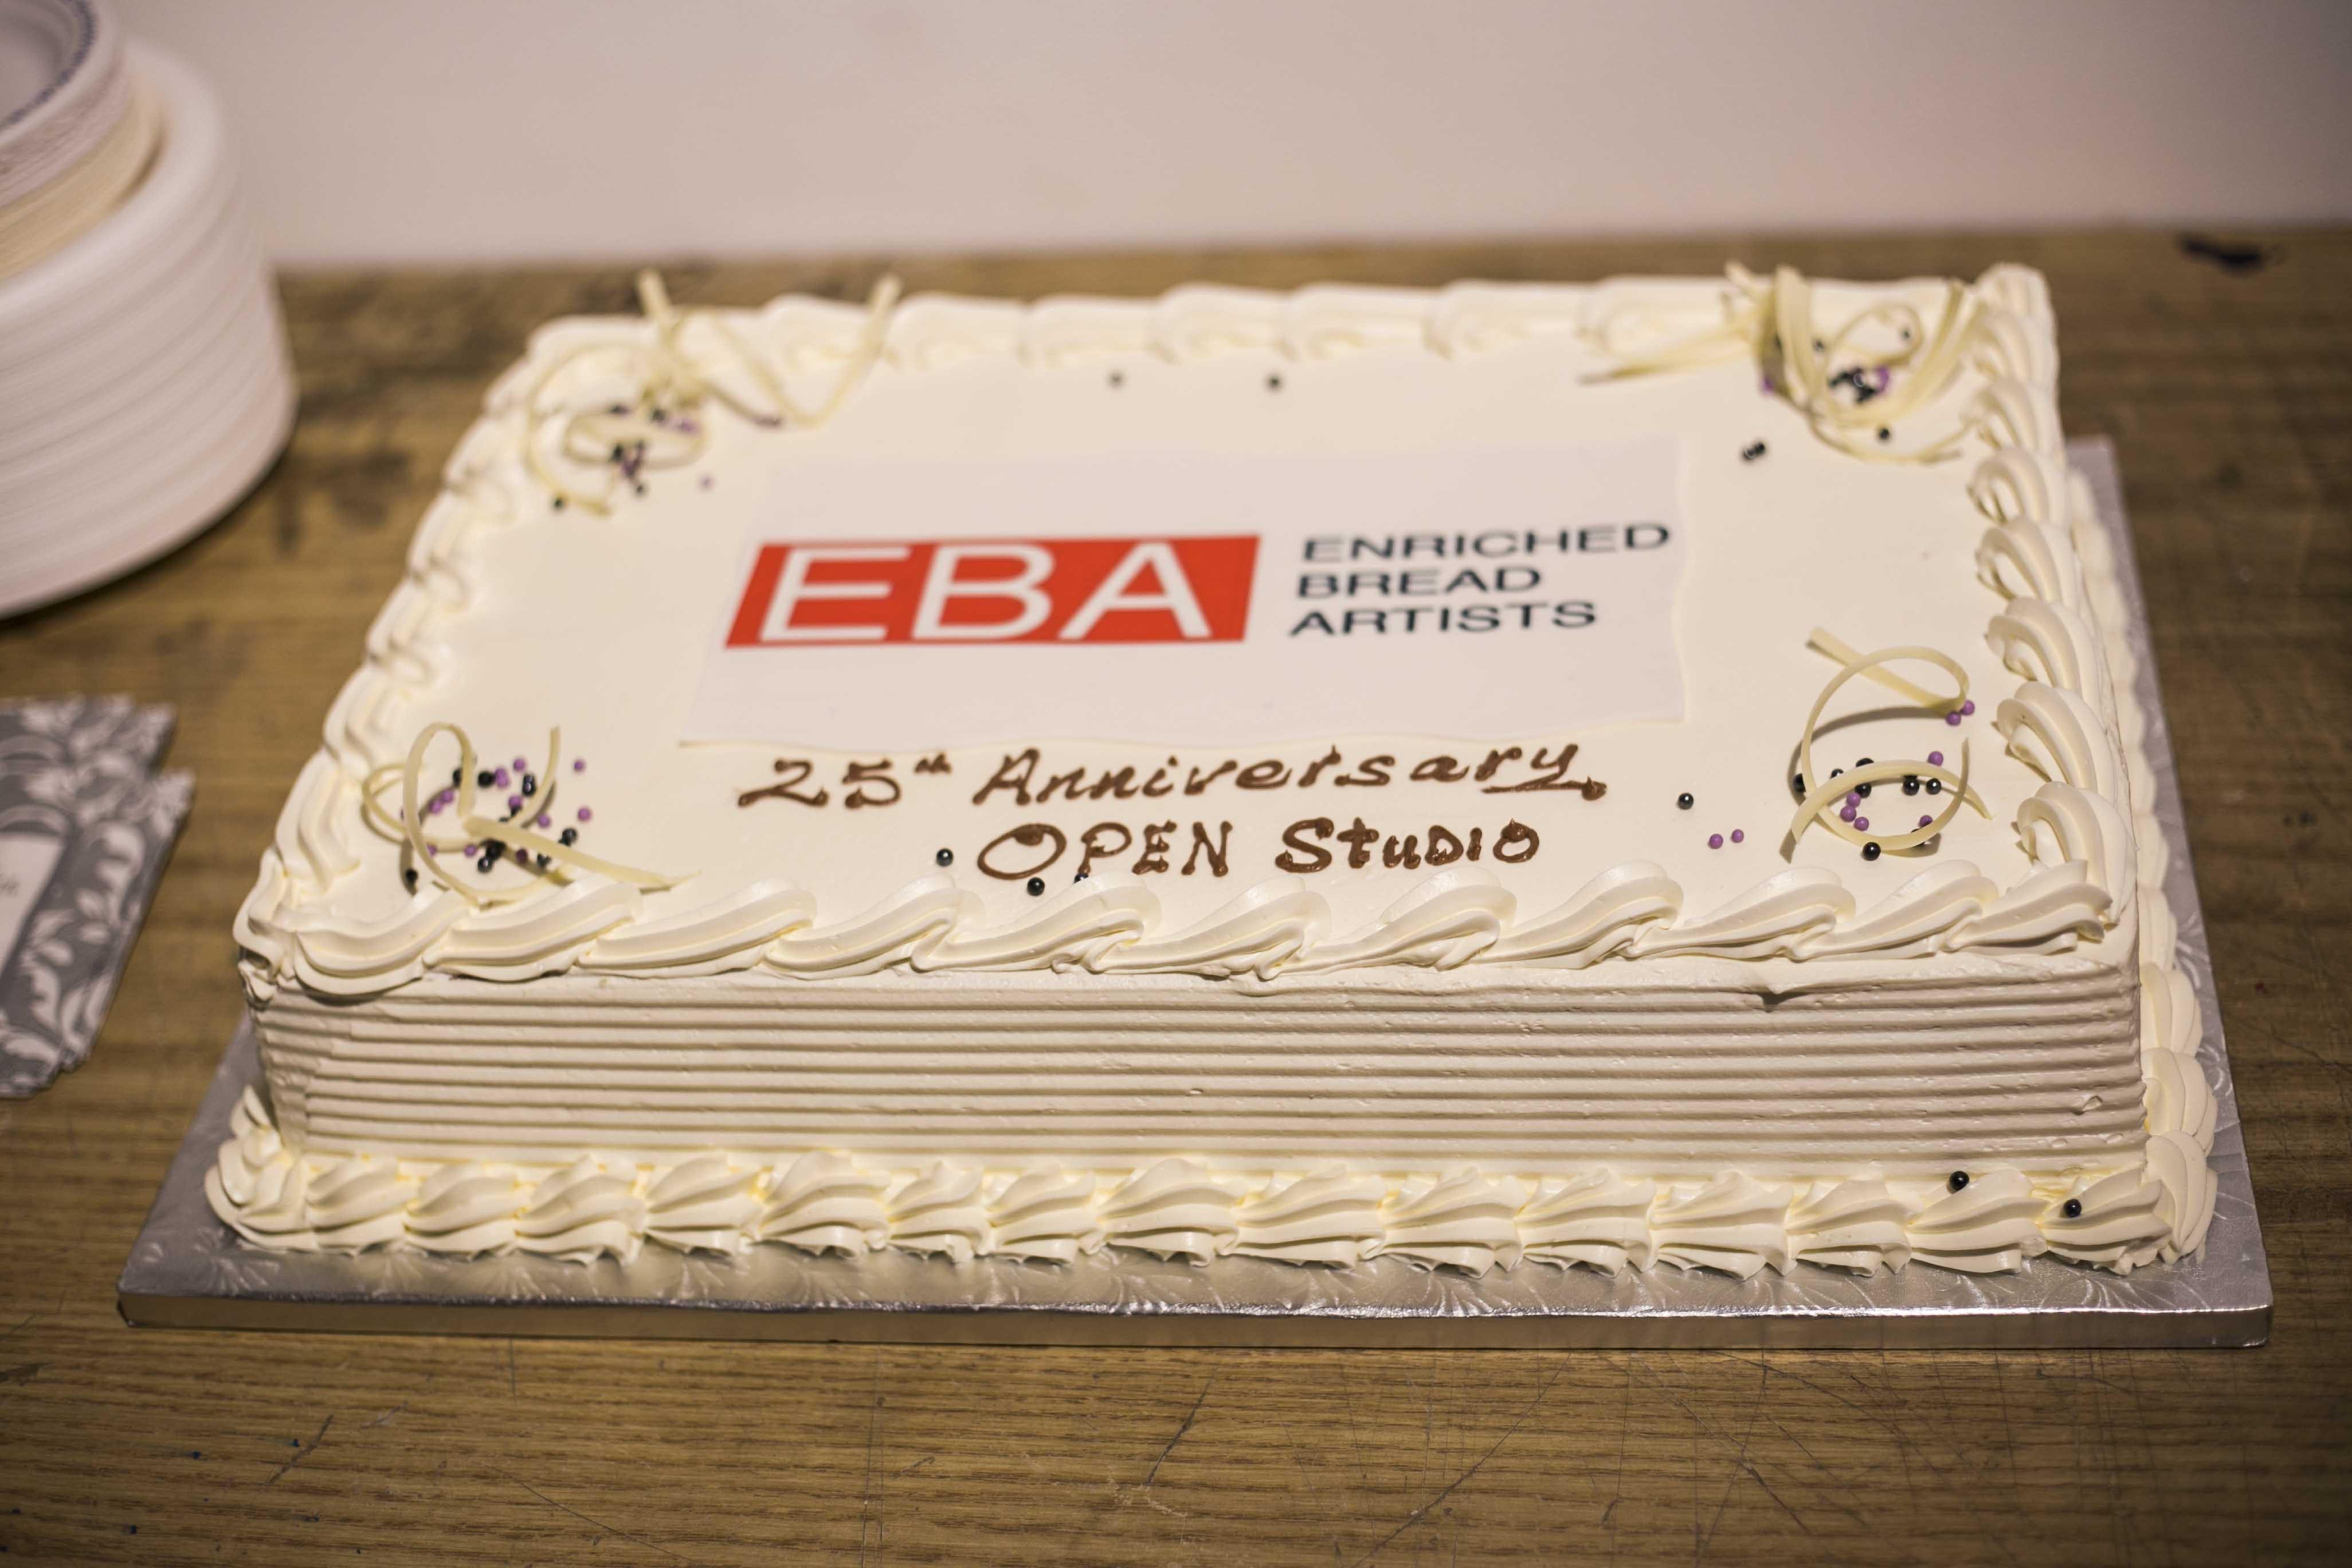 Enriched Bread Artists (EBA) Celebrates the 25th Anniversary Open Studio